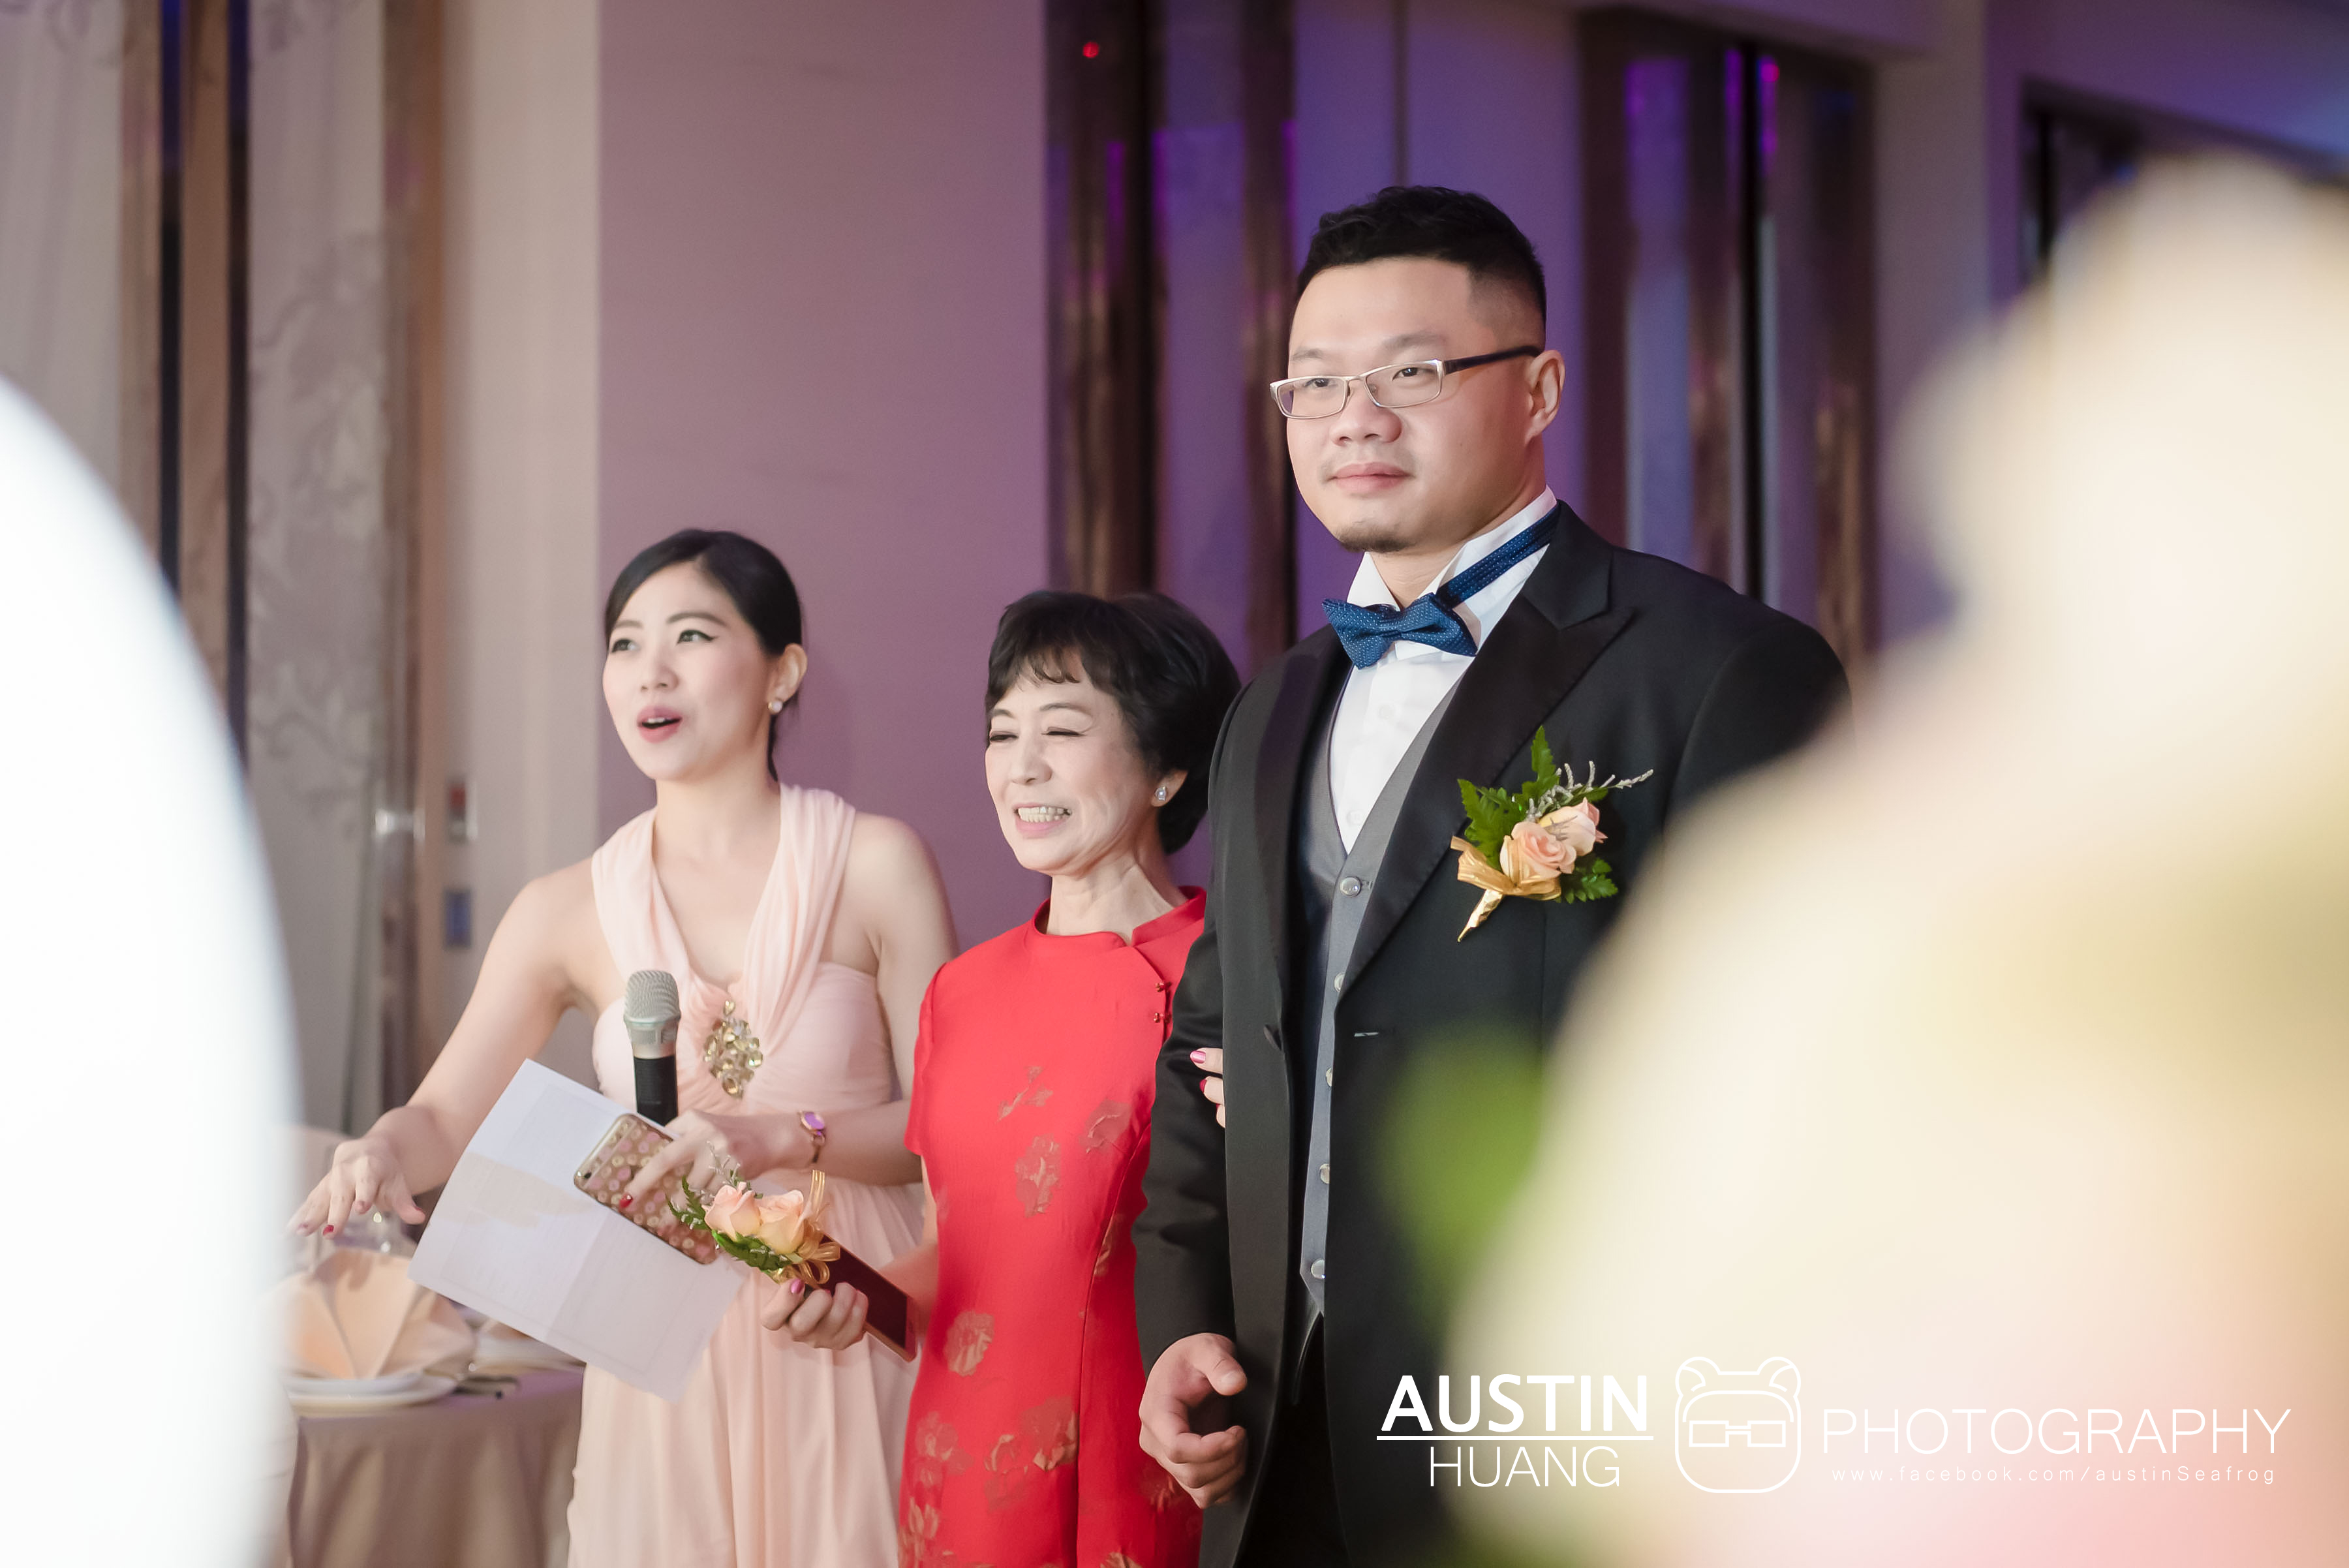 austinseafrog/海蛙攝影/婚攝海蛙婚禮攝影/婚禮紀錄/拍婚禮/婚攝/婚禮錄影/新祕/大倉久和